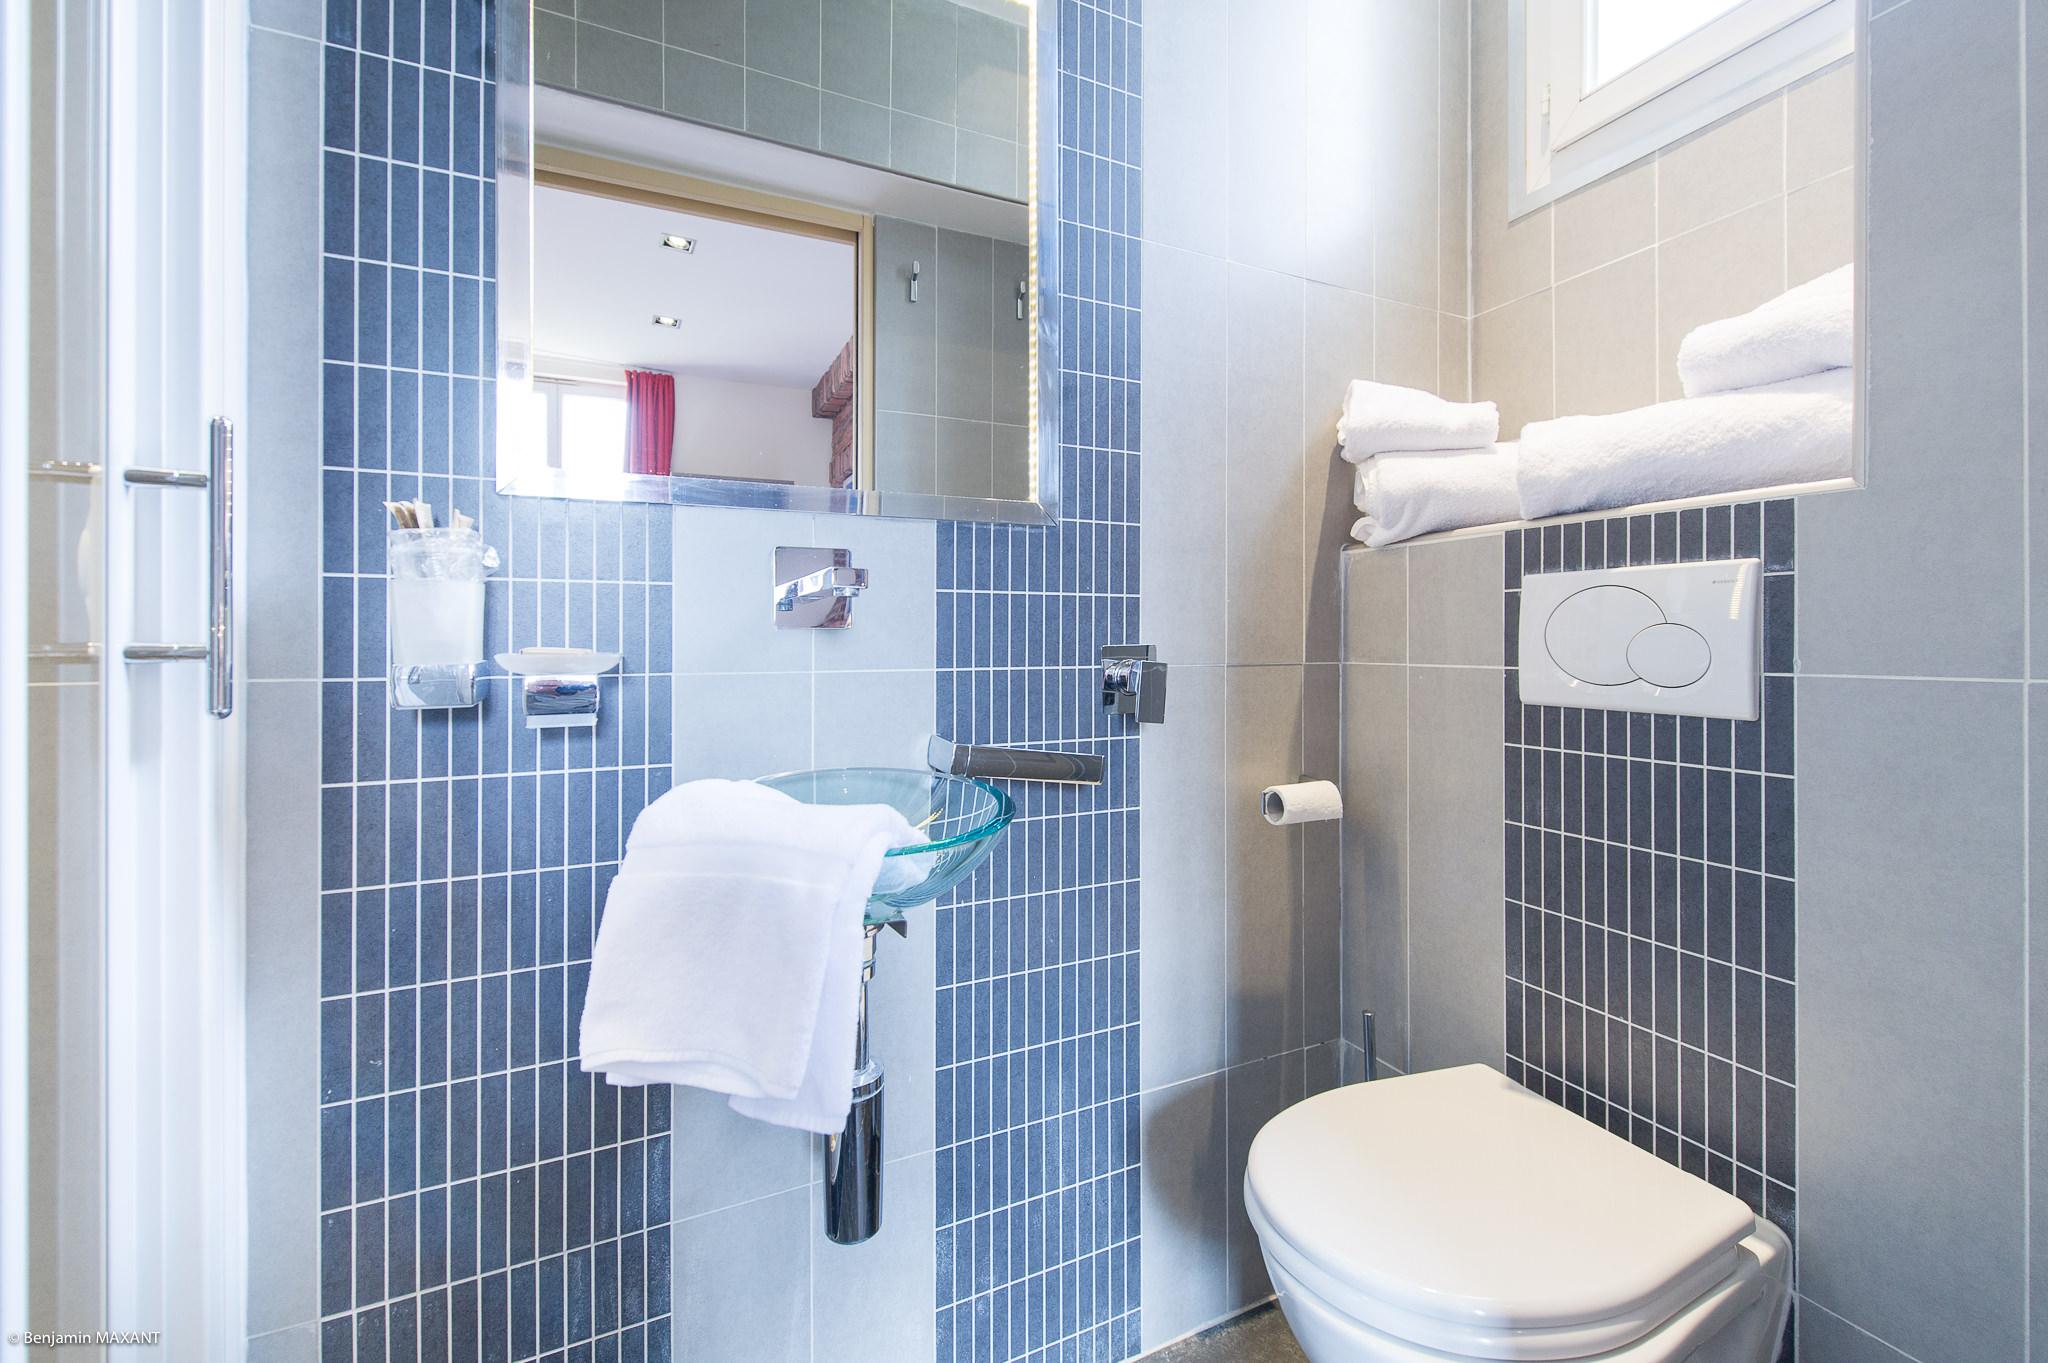 Reportage photo immobilier - Hôtel Idéal - salle de bain Out of Africa